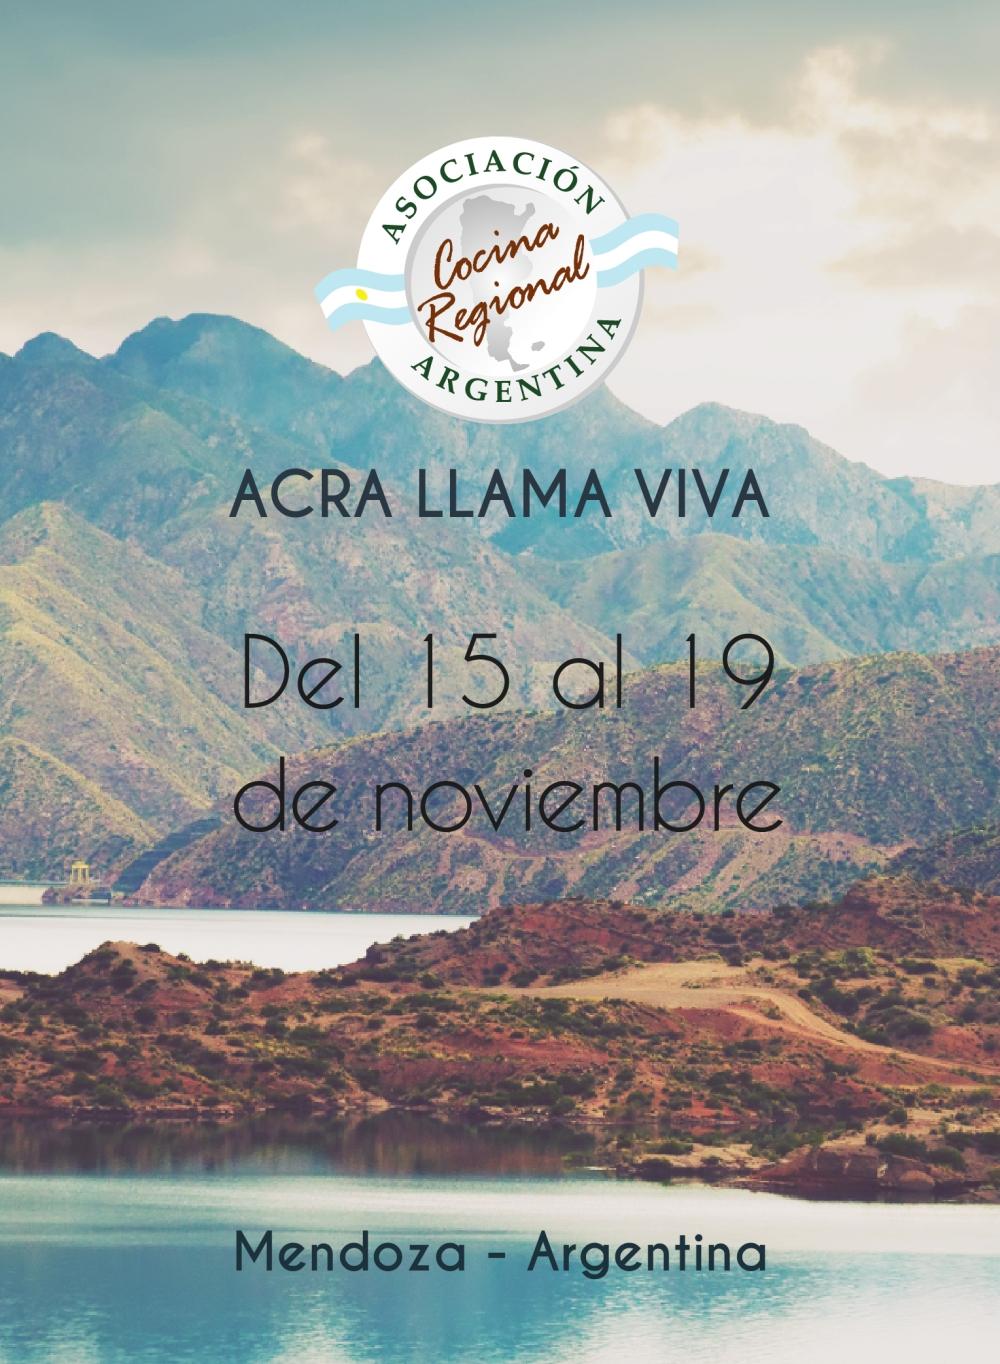 ACRA LLAMA VIVA FONDO2019-01-01